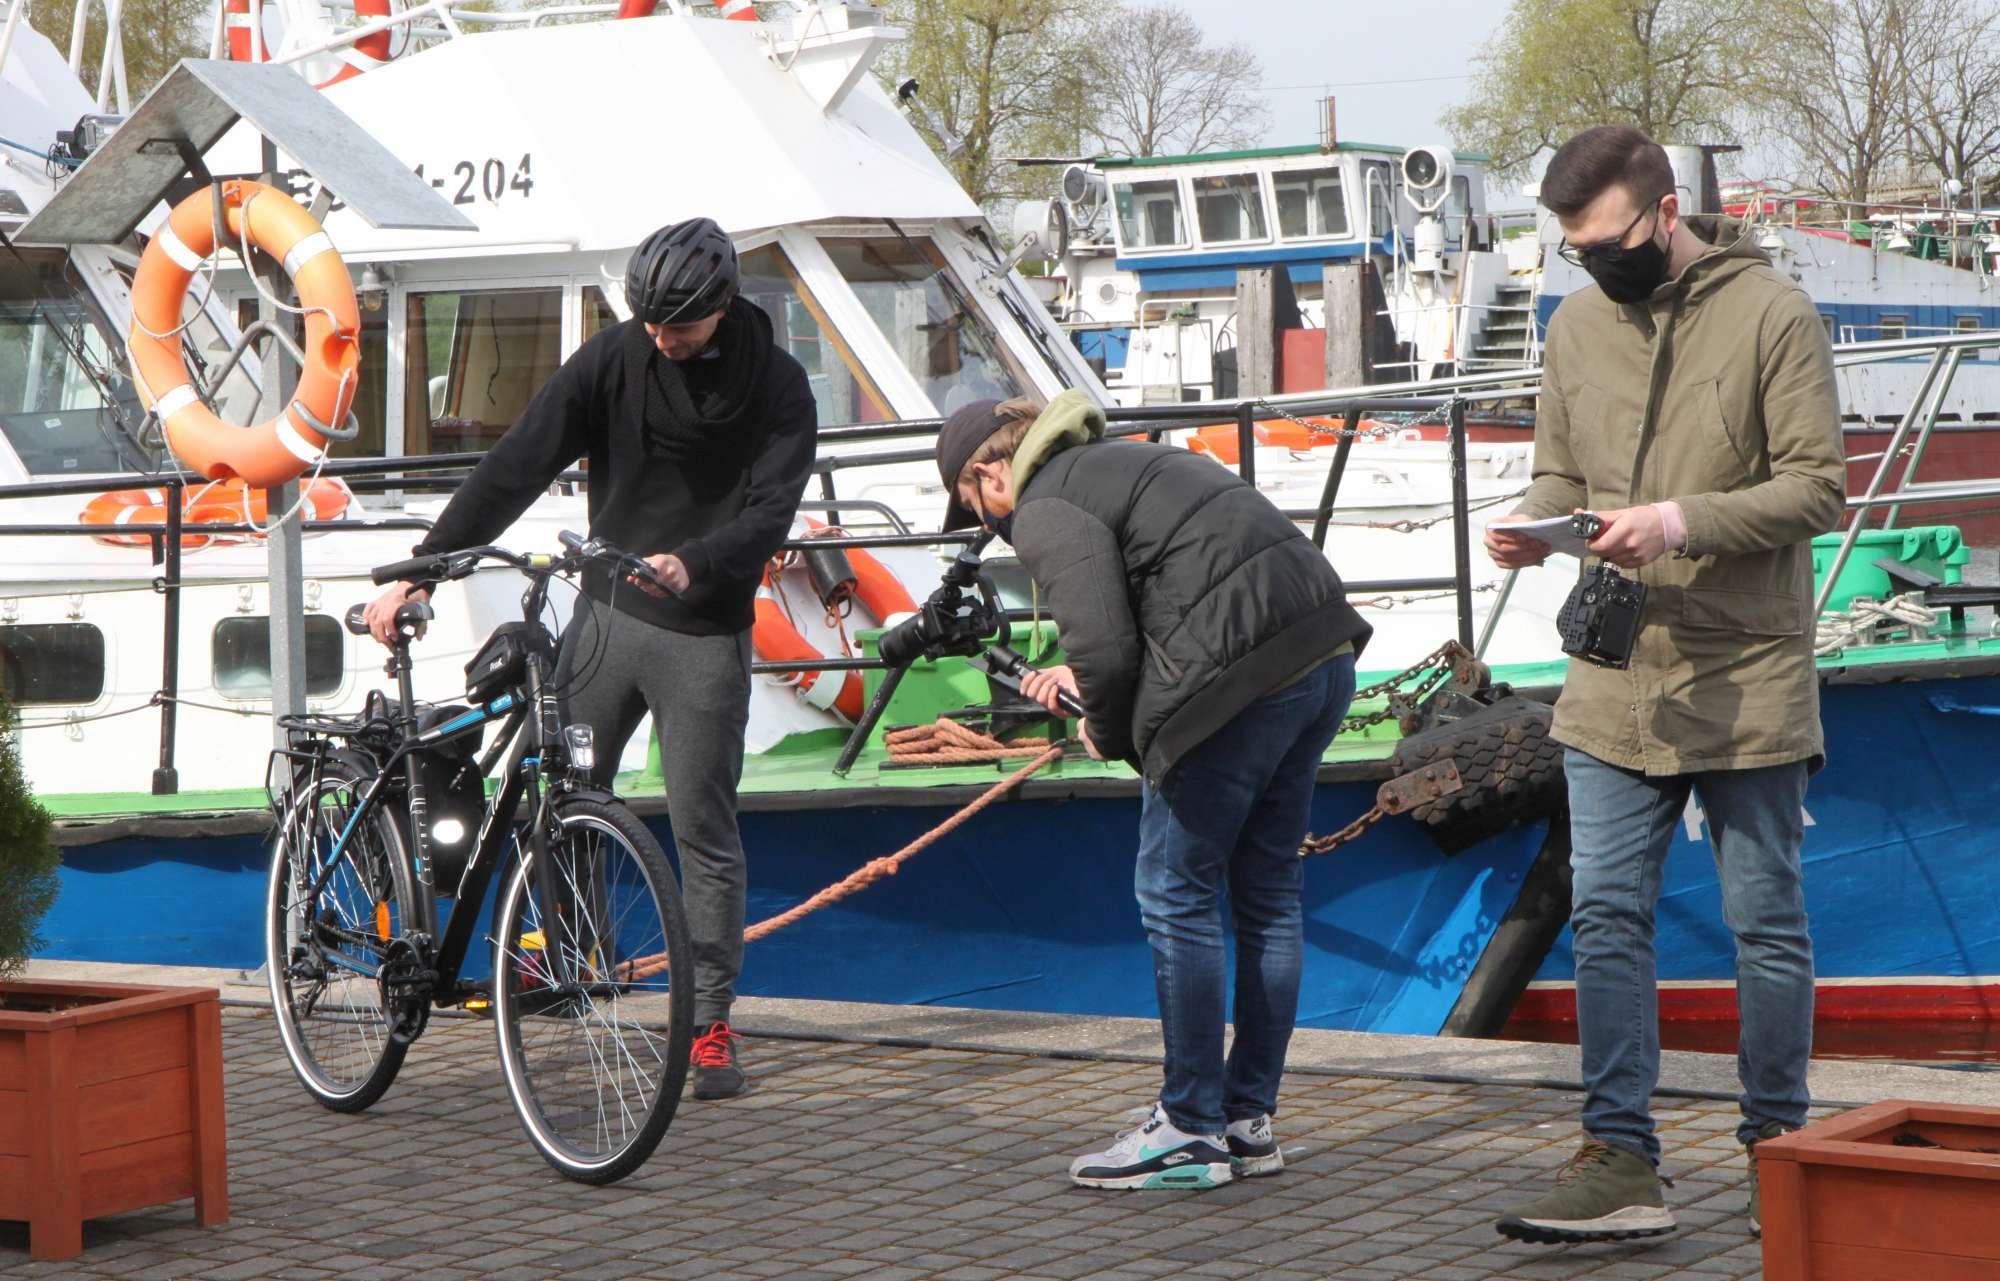 Kręcenie filmu - scena pokazuje mężczyznę stojącego obok roweru na tle statku